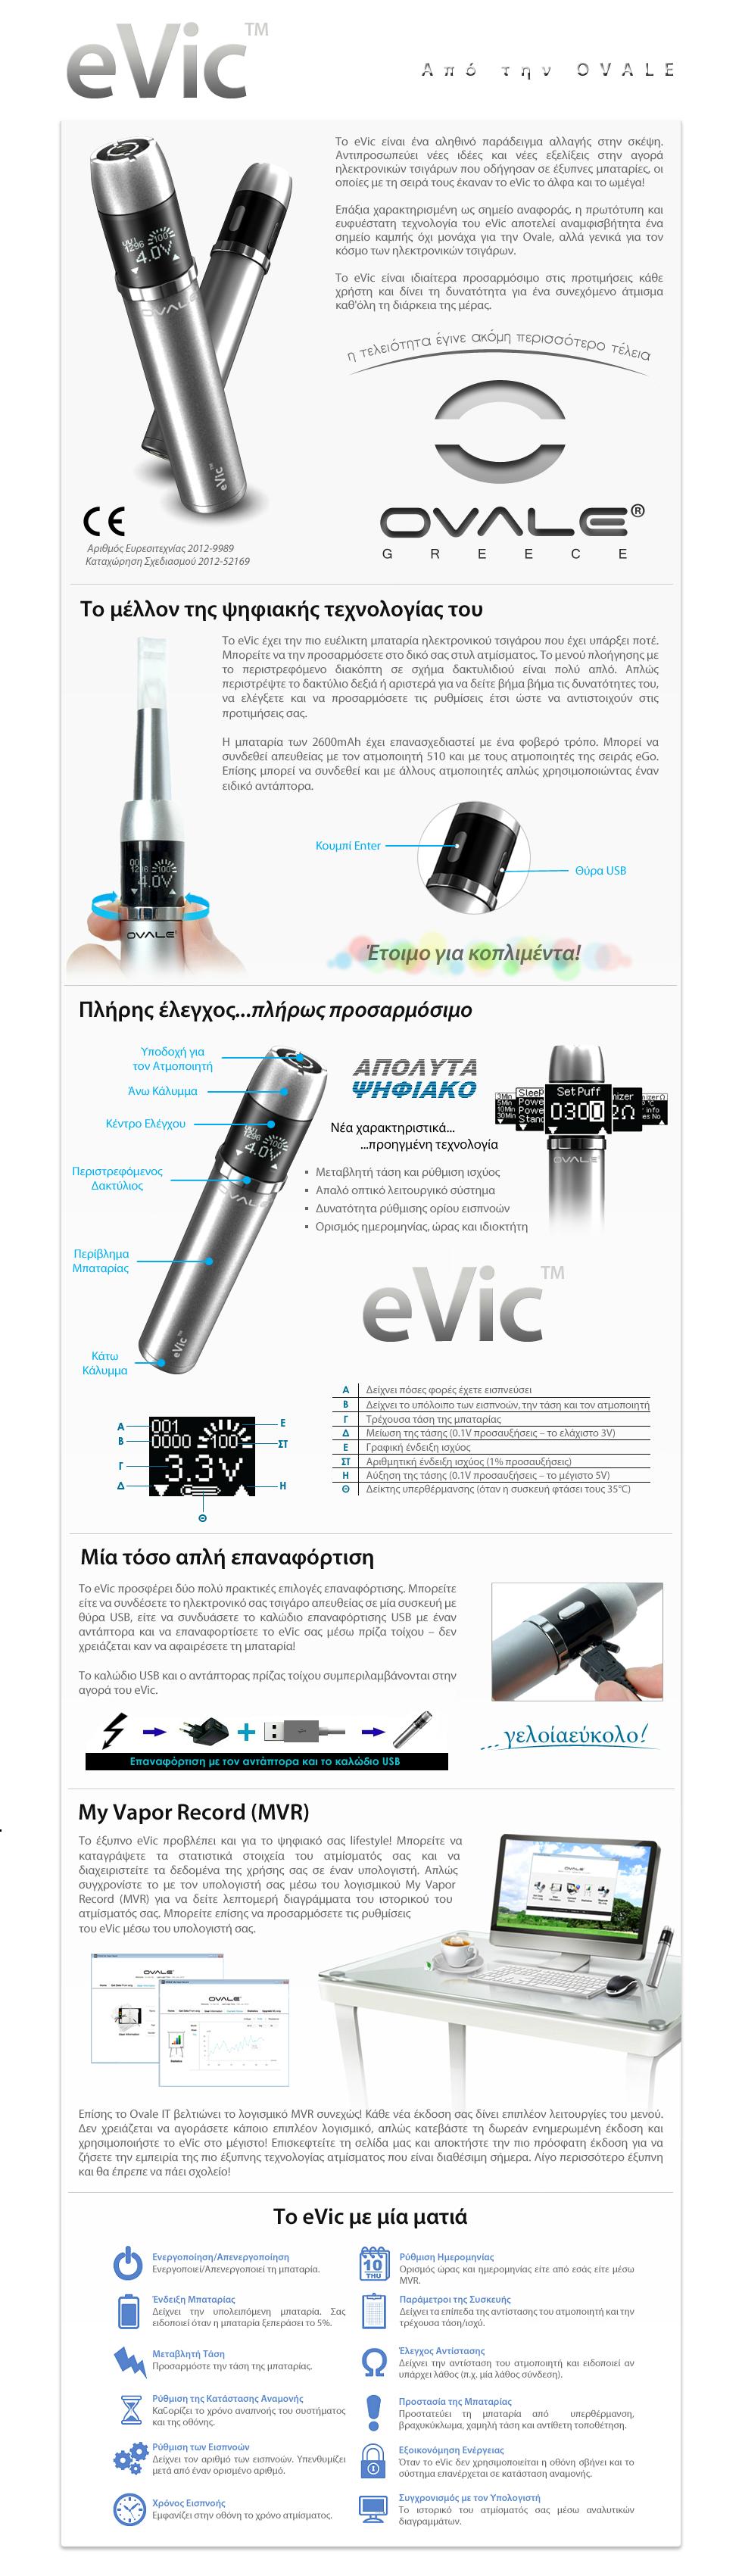 ηλεκτρονικό τσιγάρο, υγρό αναπλήρωσης ηλεκτρονικού τσιγάρου, κόψιμο καπνίσματος, ovale, joyetech, evic